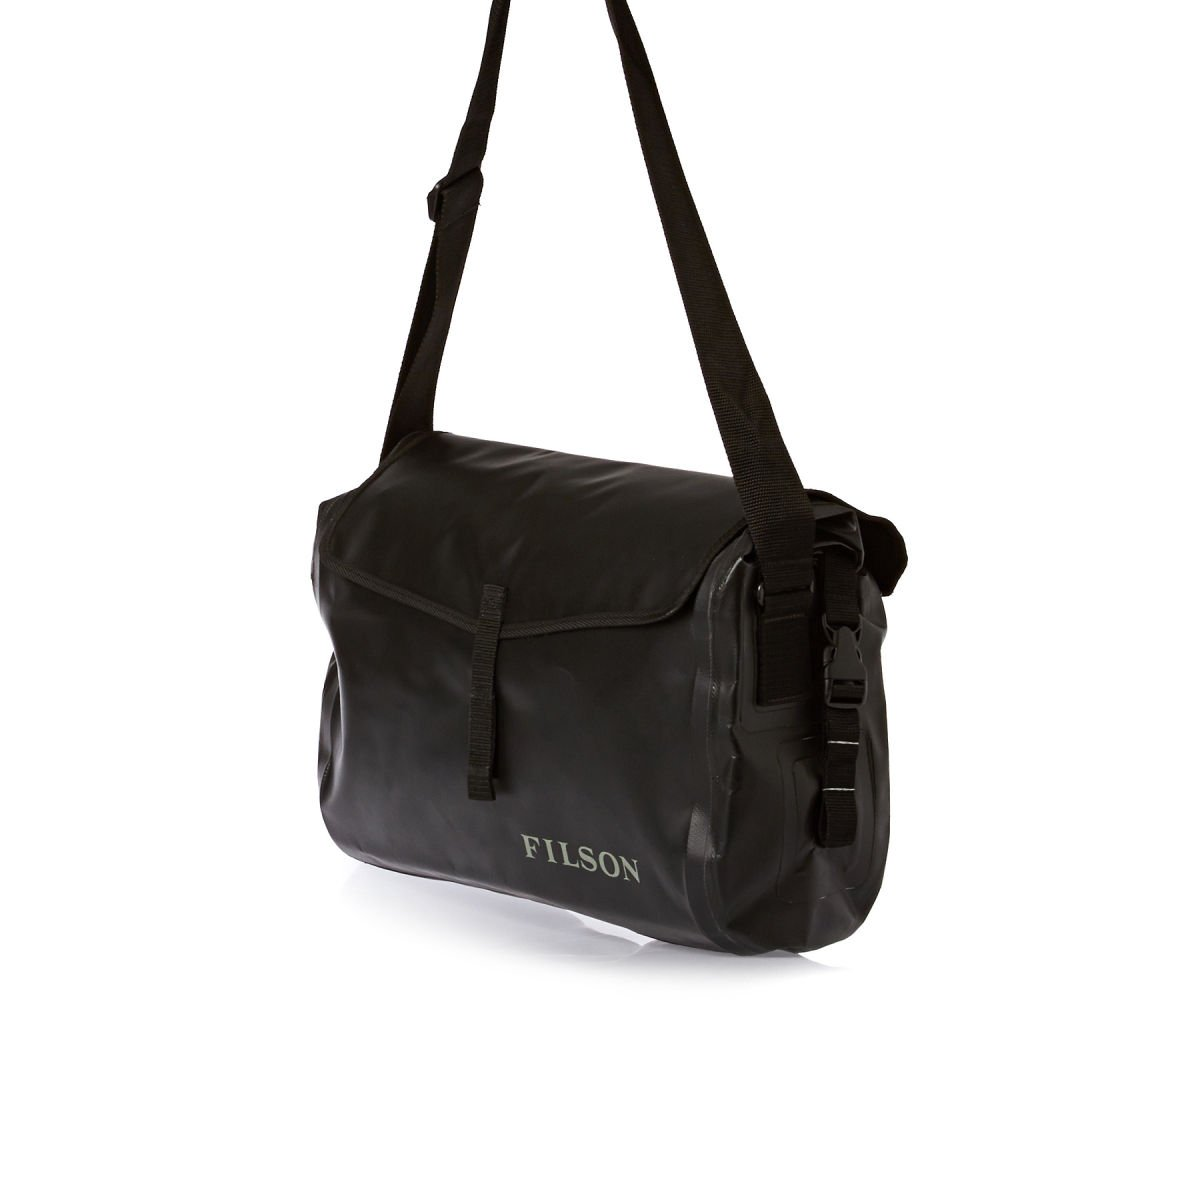 Filson Dry Messenger Bag